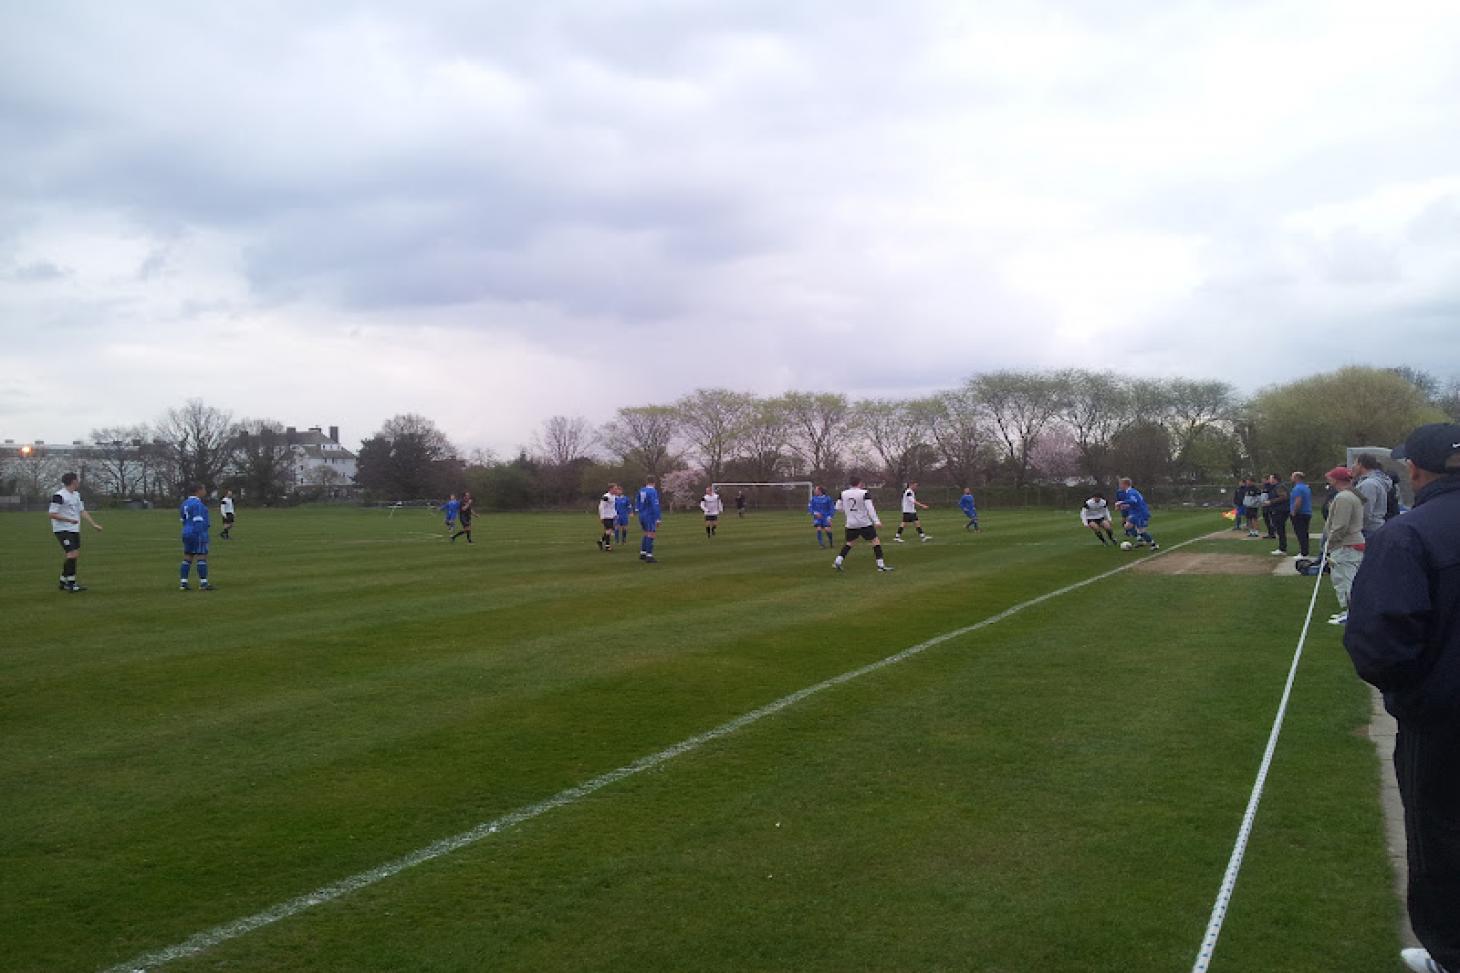 London Marathon Playing Fields - Redbridge 11 a side | Grass football pitch